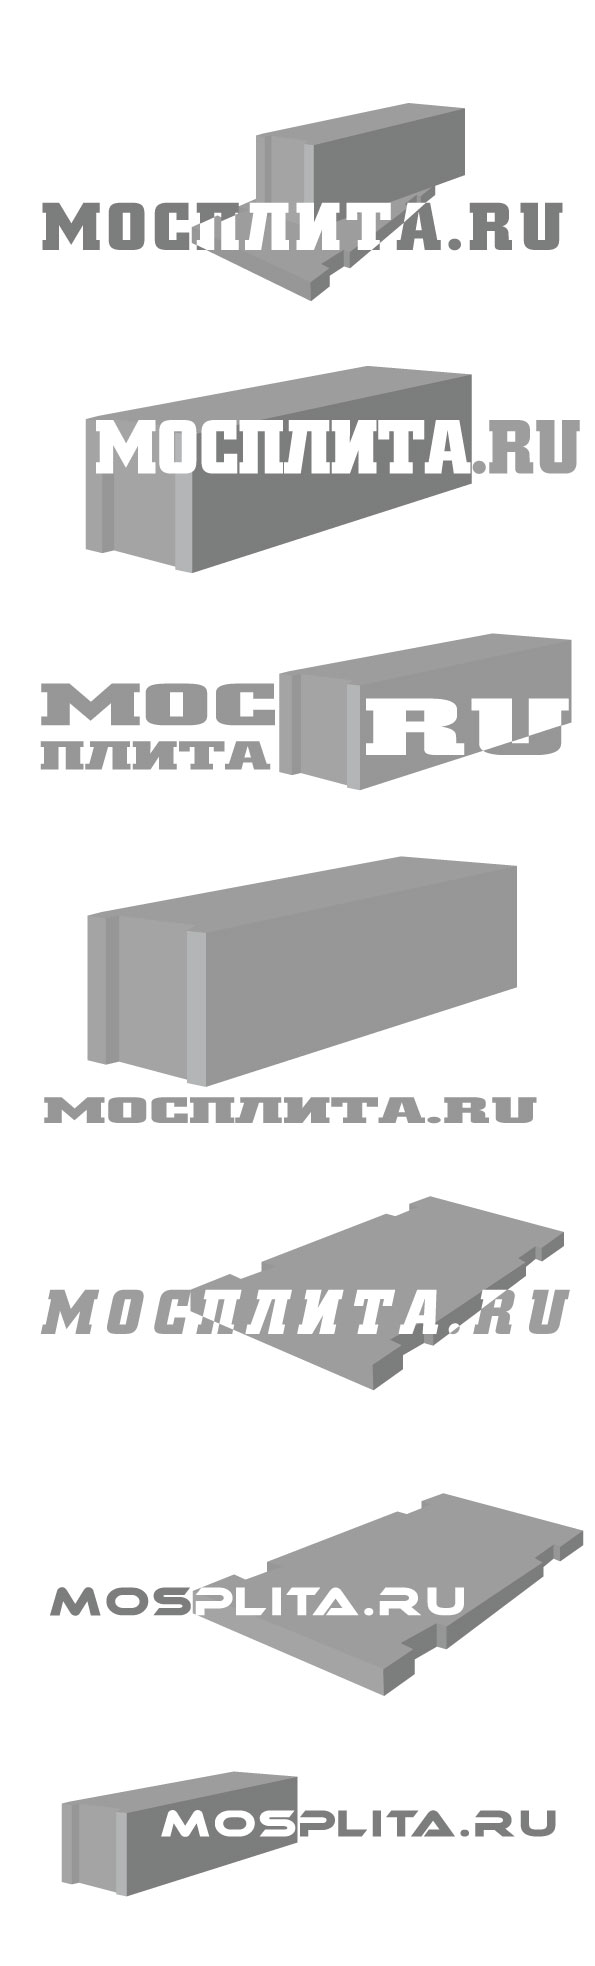 Компания «Мосплита»